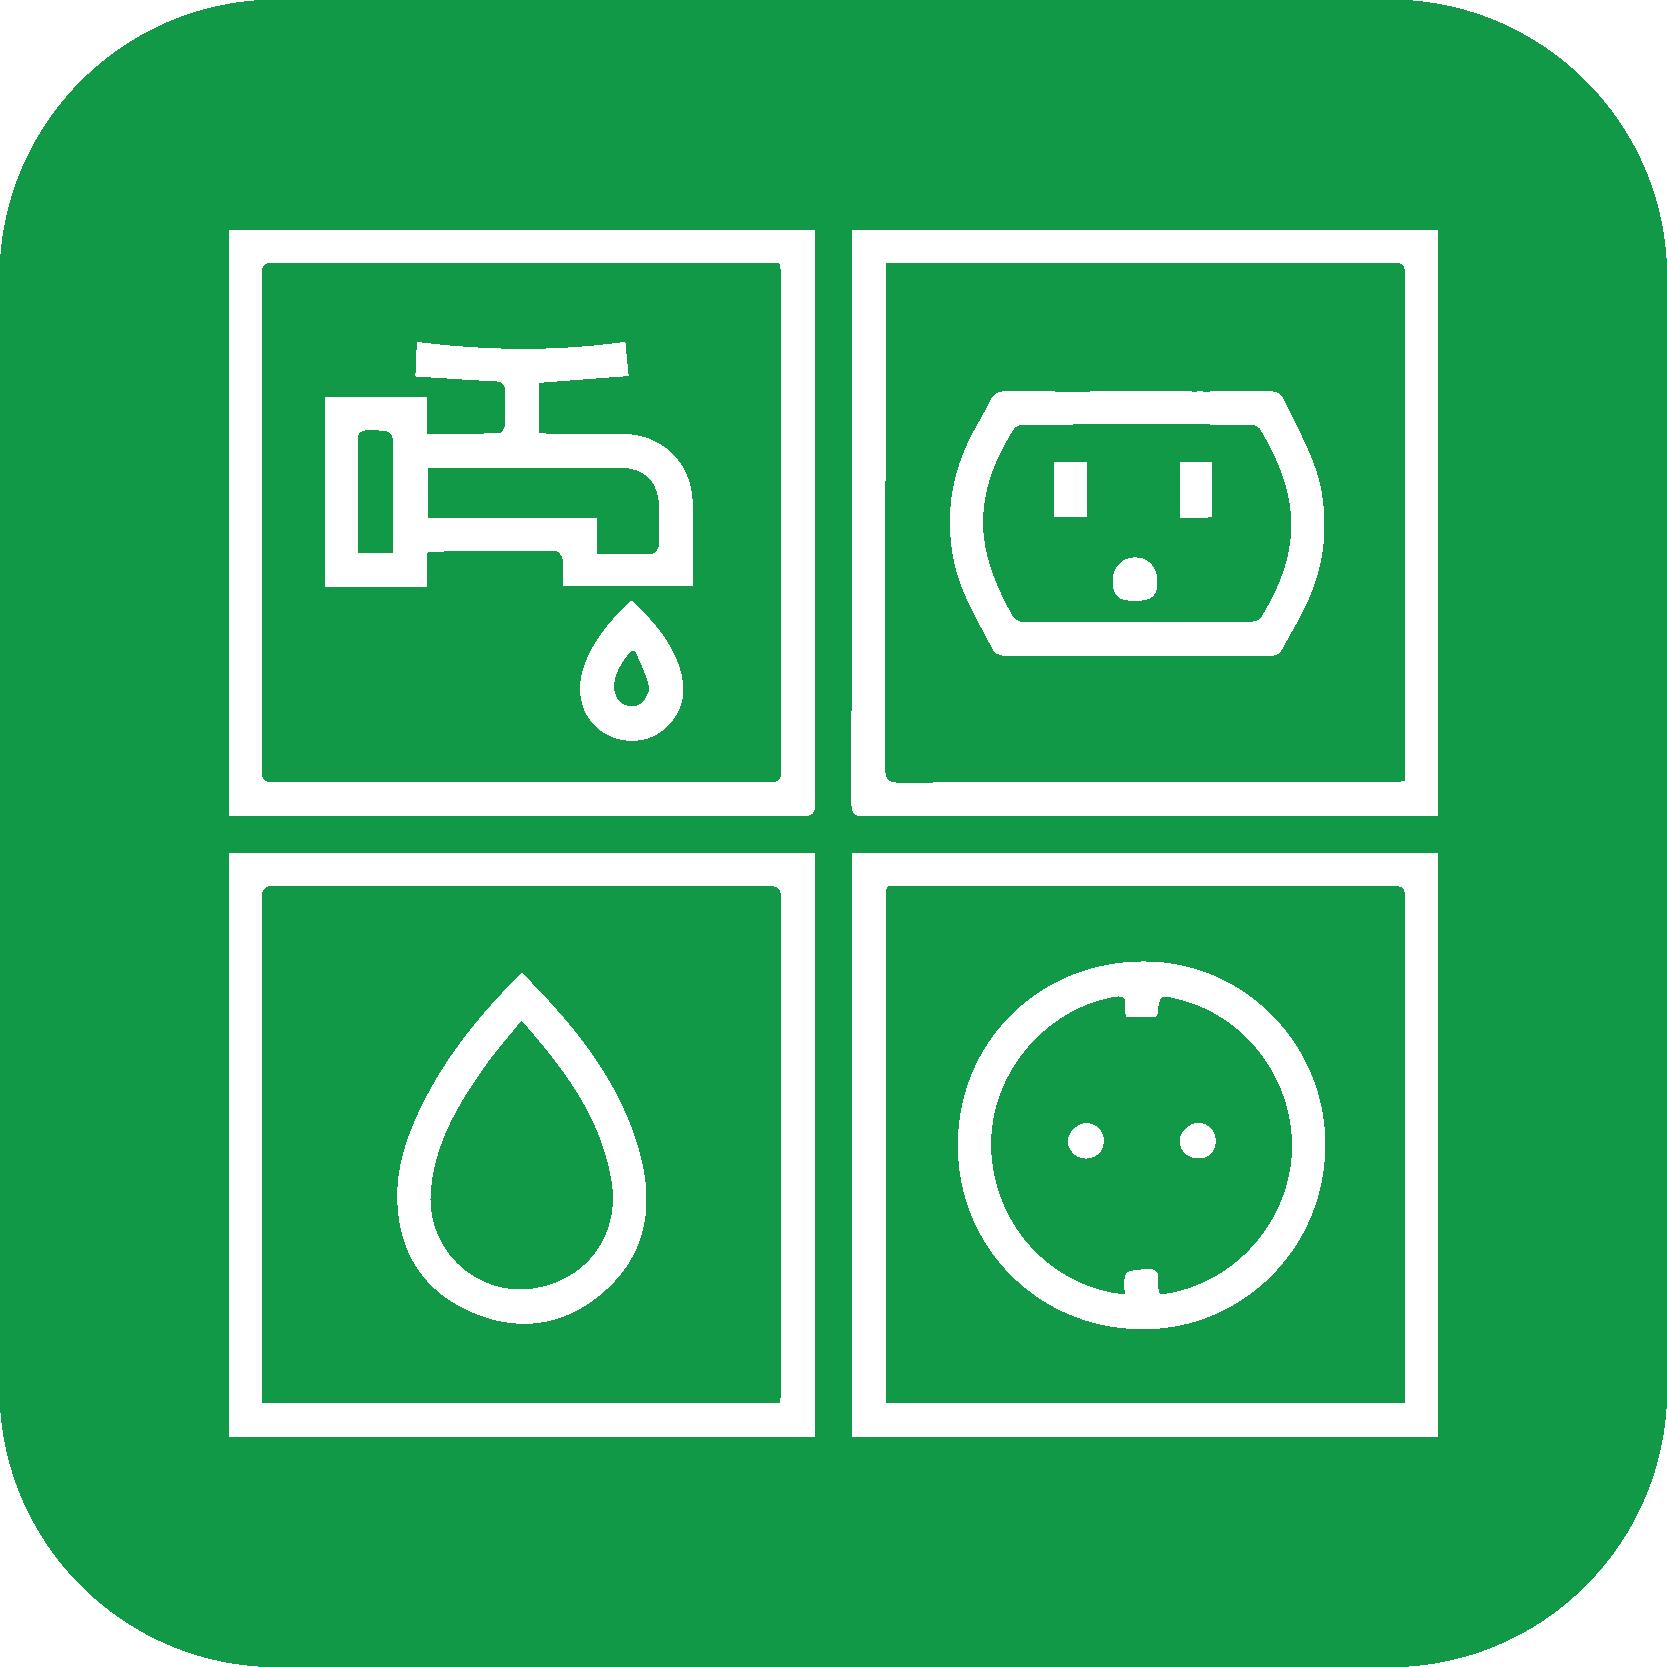 Forbrugsregnskaber og fordelingsregnskaber ikon grøn